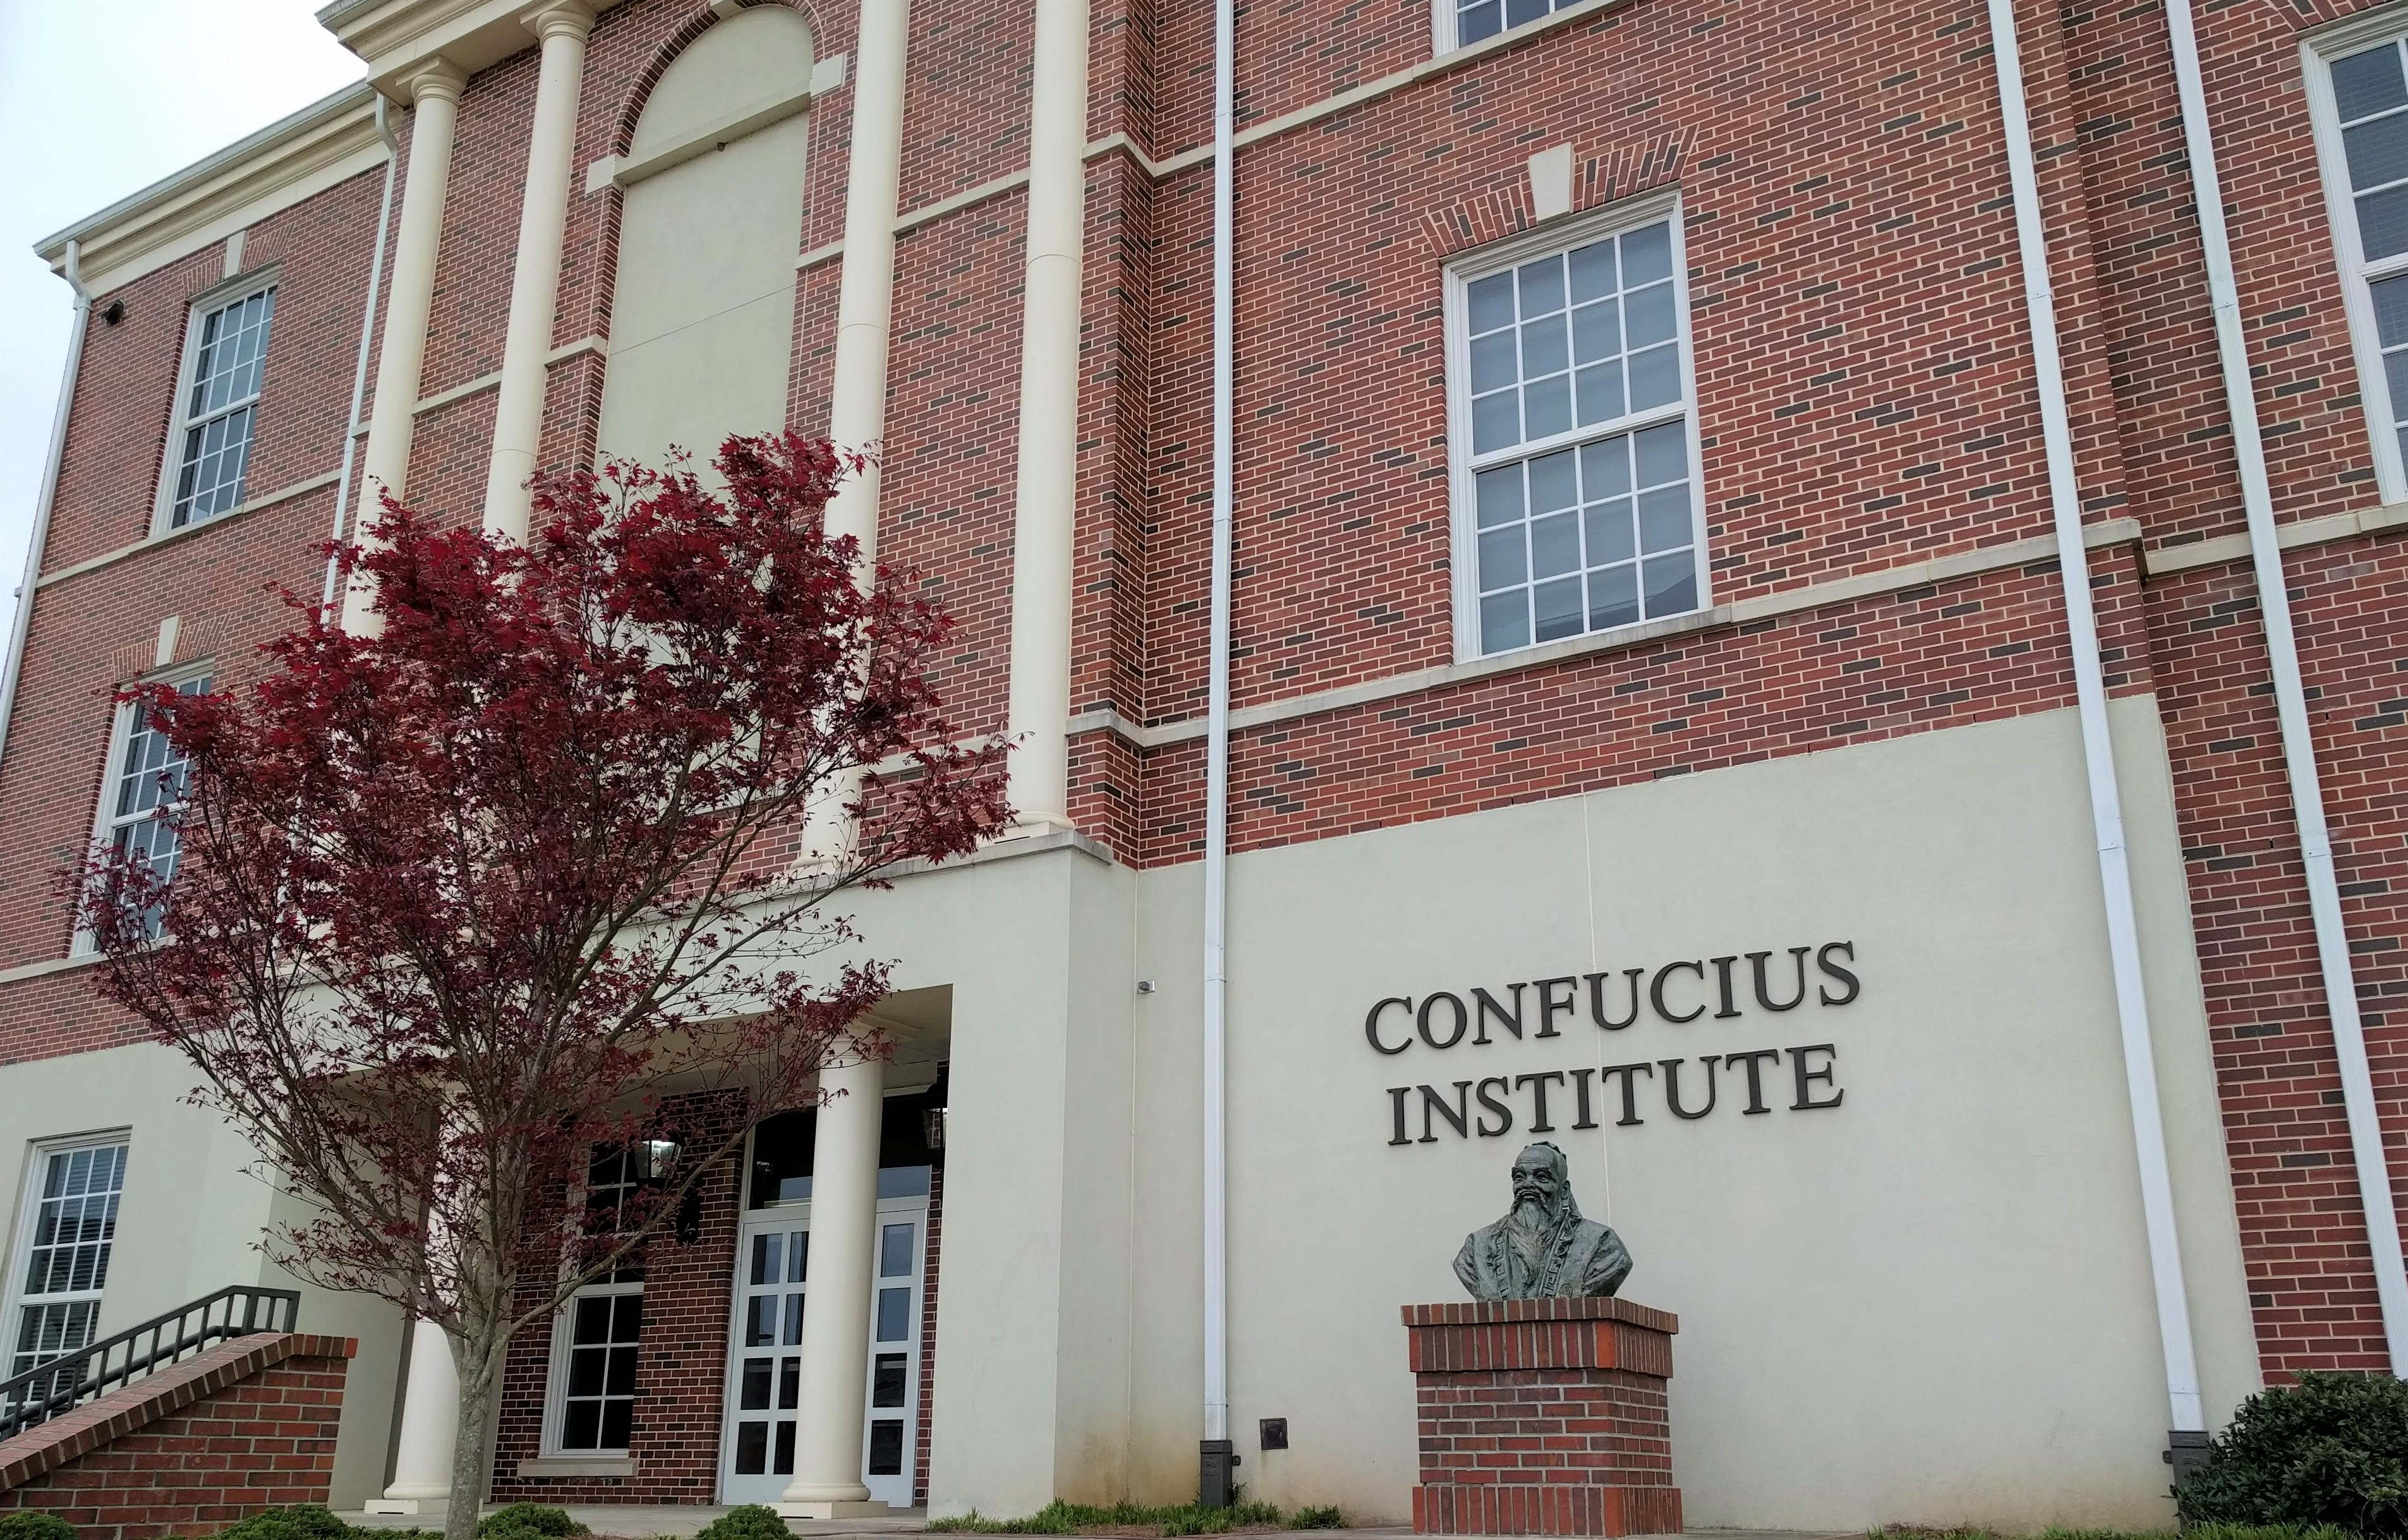 中共在全世界的大專院校與各級學校設立「孔子學院」(Confucius Institute)的網絡,有中方教師提供漢語及中國文化的教學,同時由北京給予足夠的補助。圖為設於美國阿拉巴馬州特洛伊大學(Troy University)的孔子學院外觀。美國曾設有90多間孔子學院,遠高於加拿大。(圖片來源/維基百科)